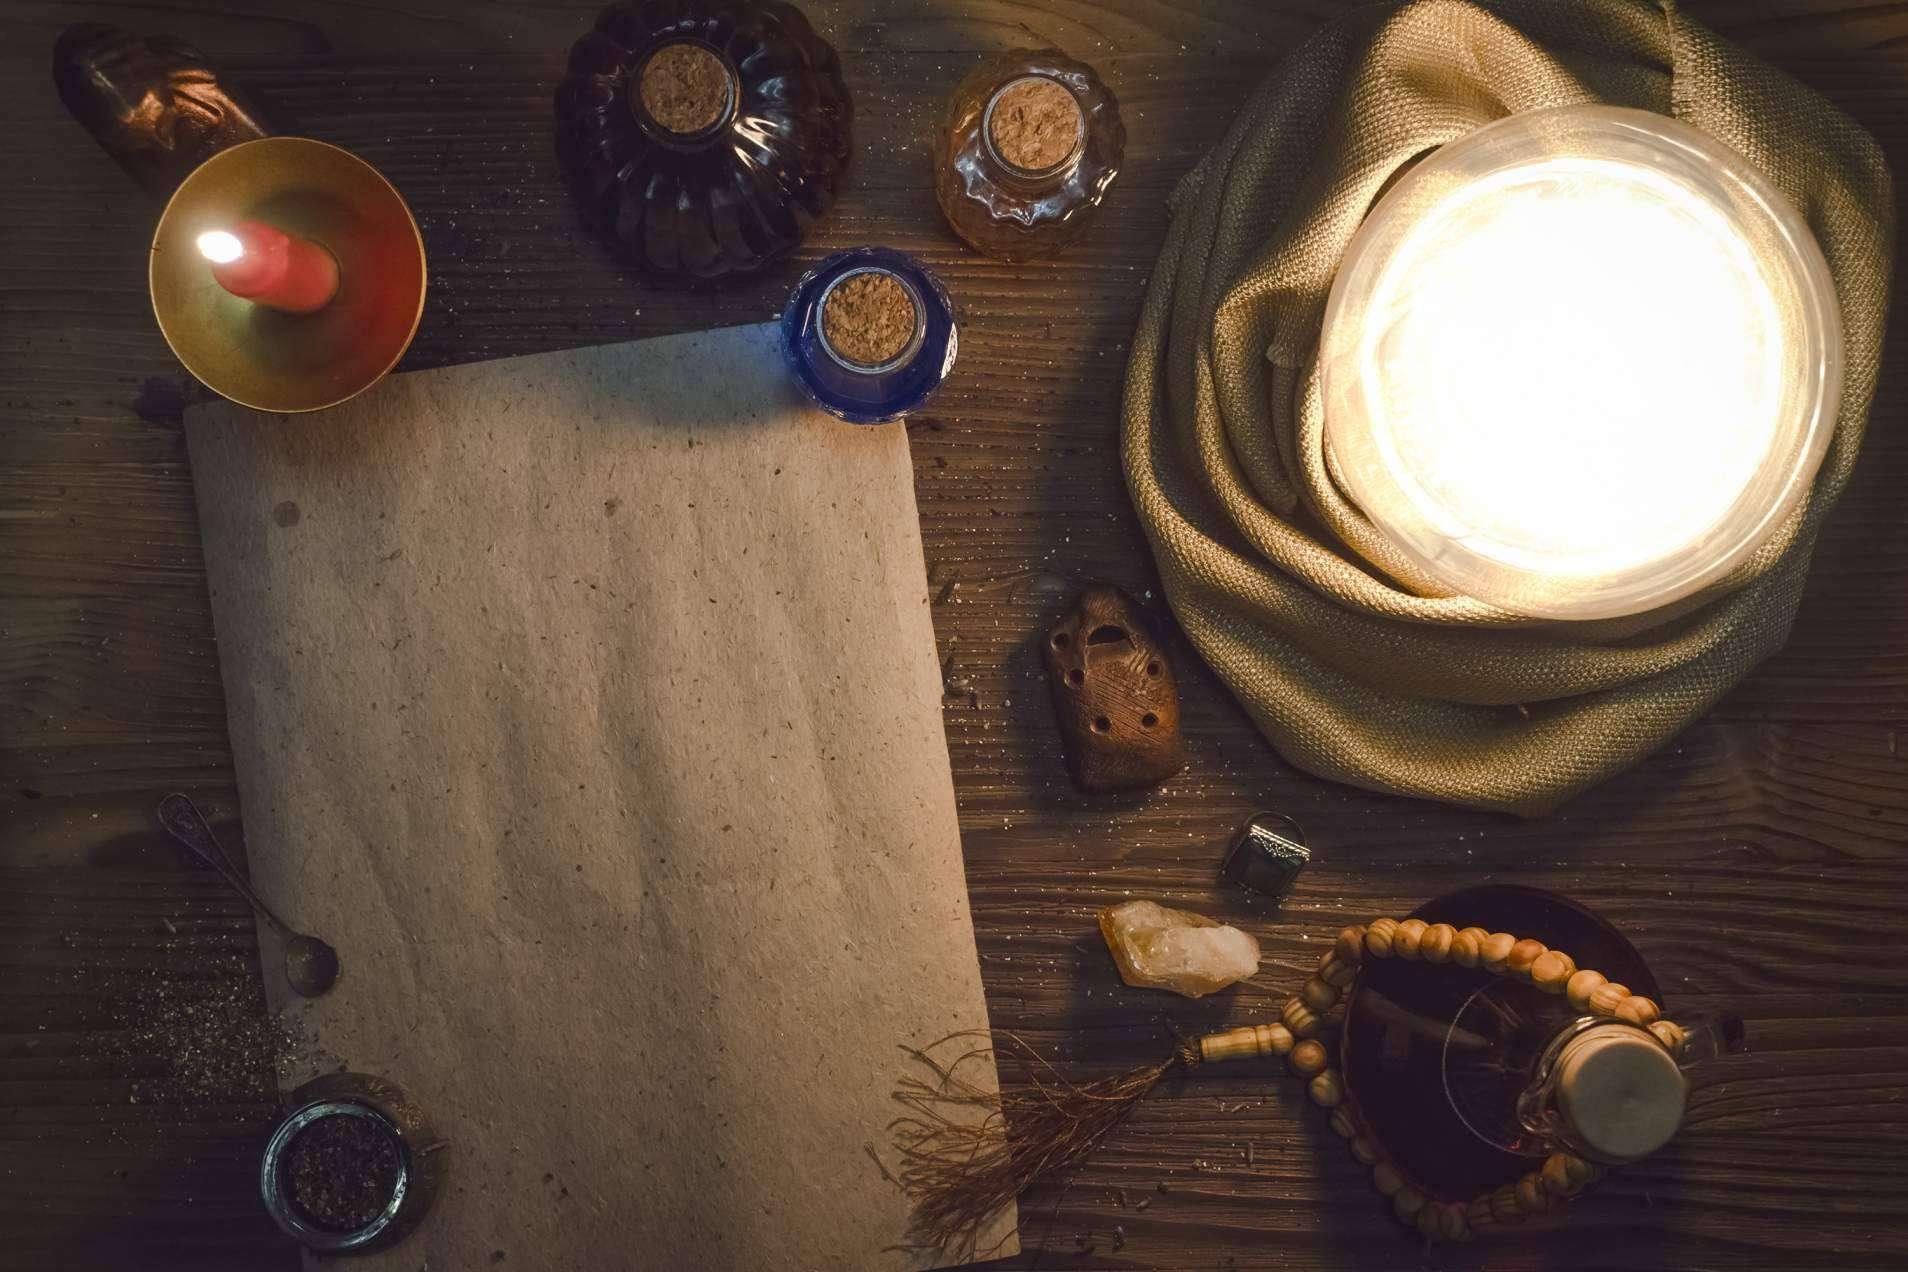 ¿Cómo me va a ir en el amor según mi horóscopo? Tarot de Luz María